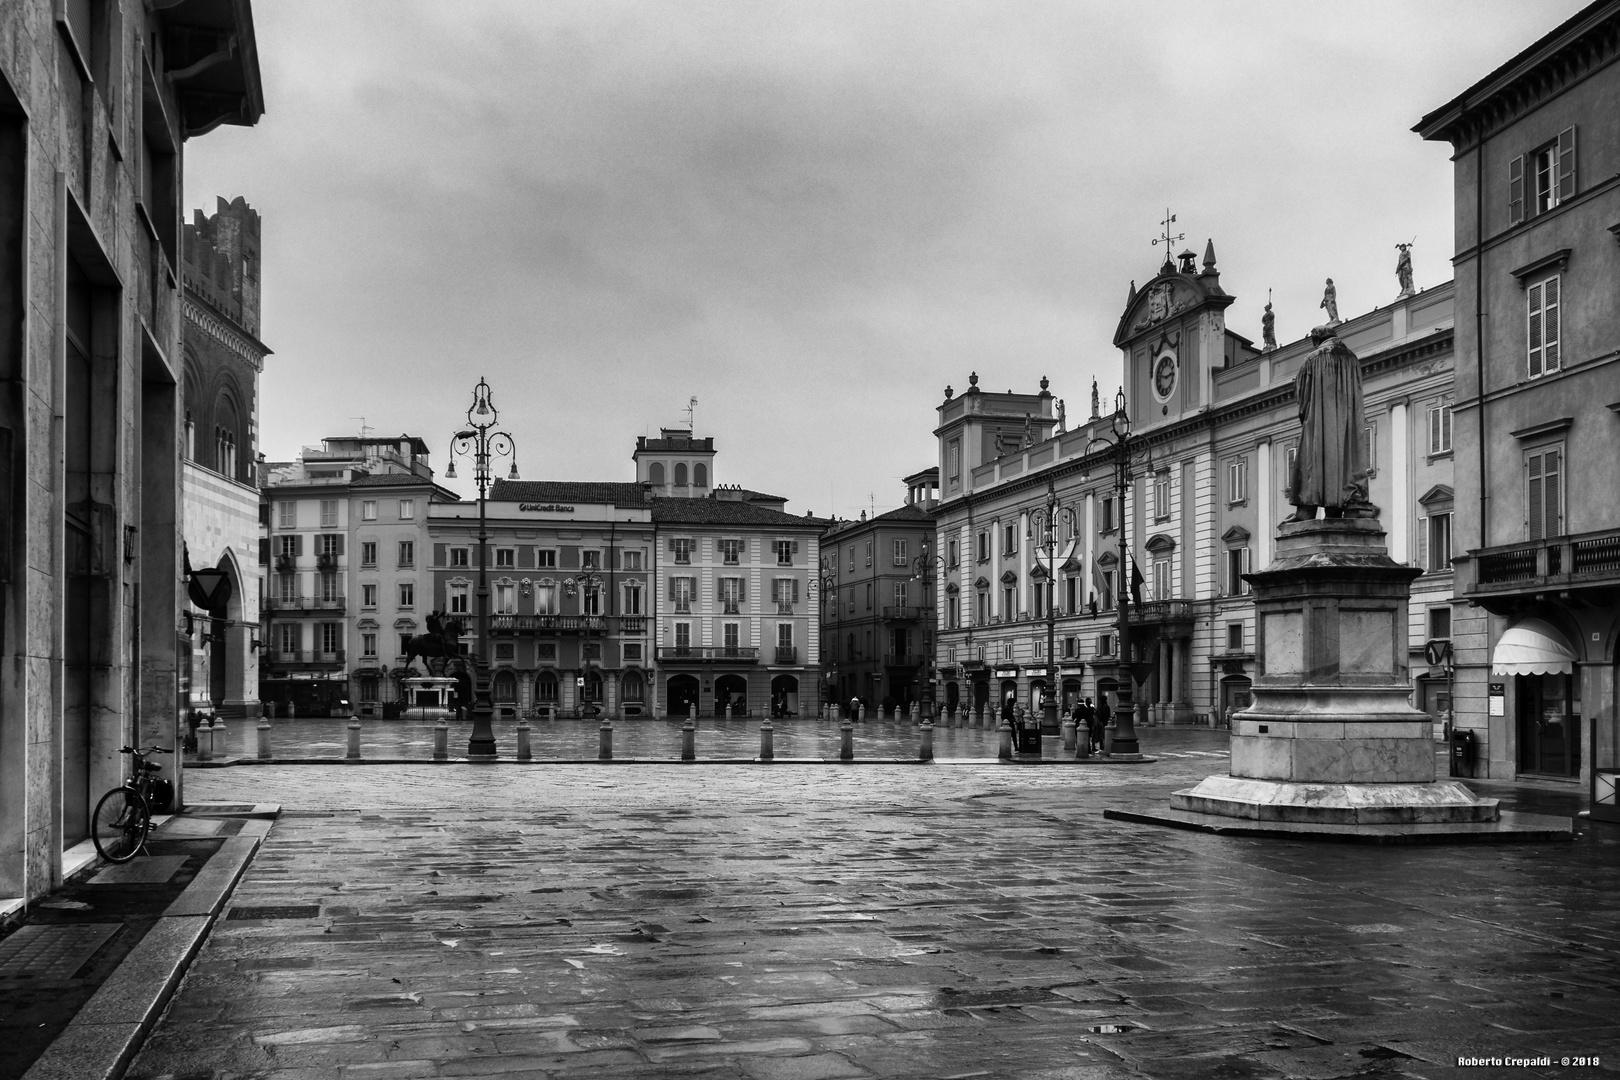 Piazza Cavalli, Piacenza